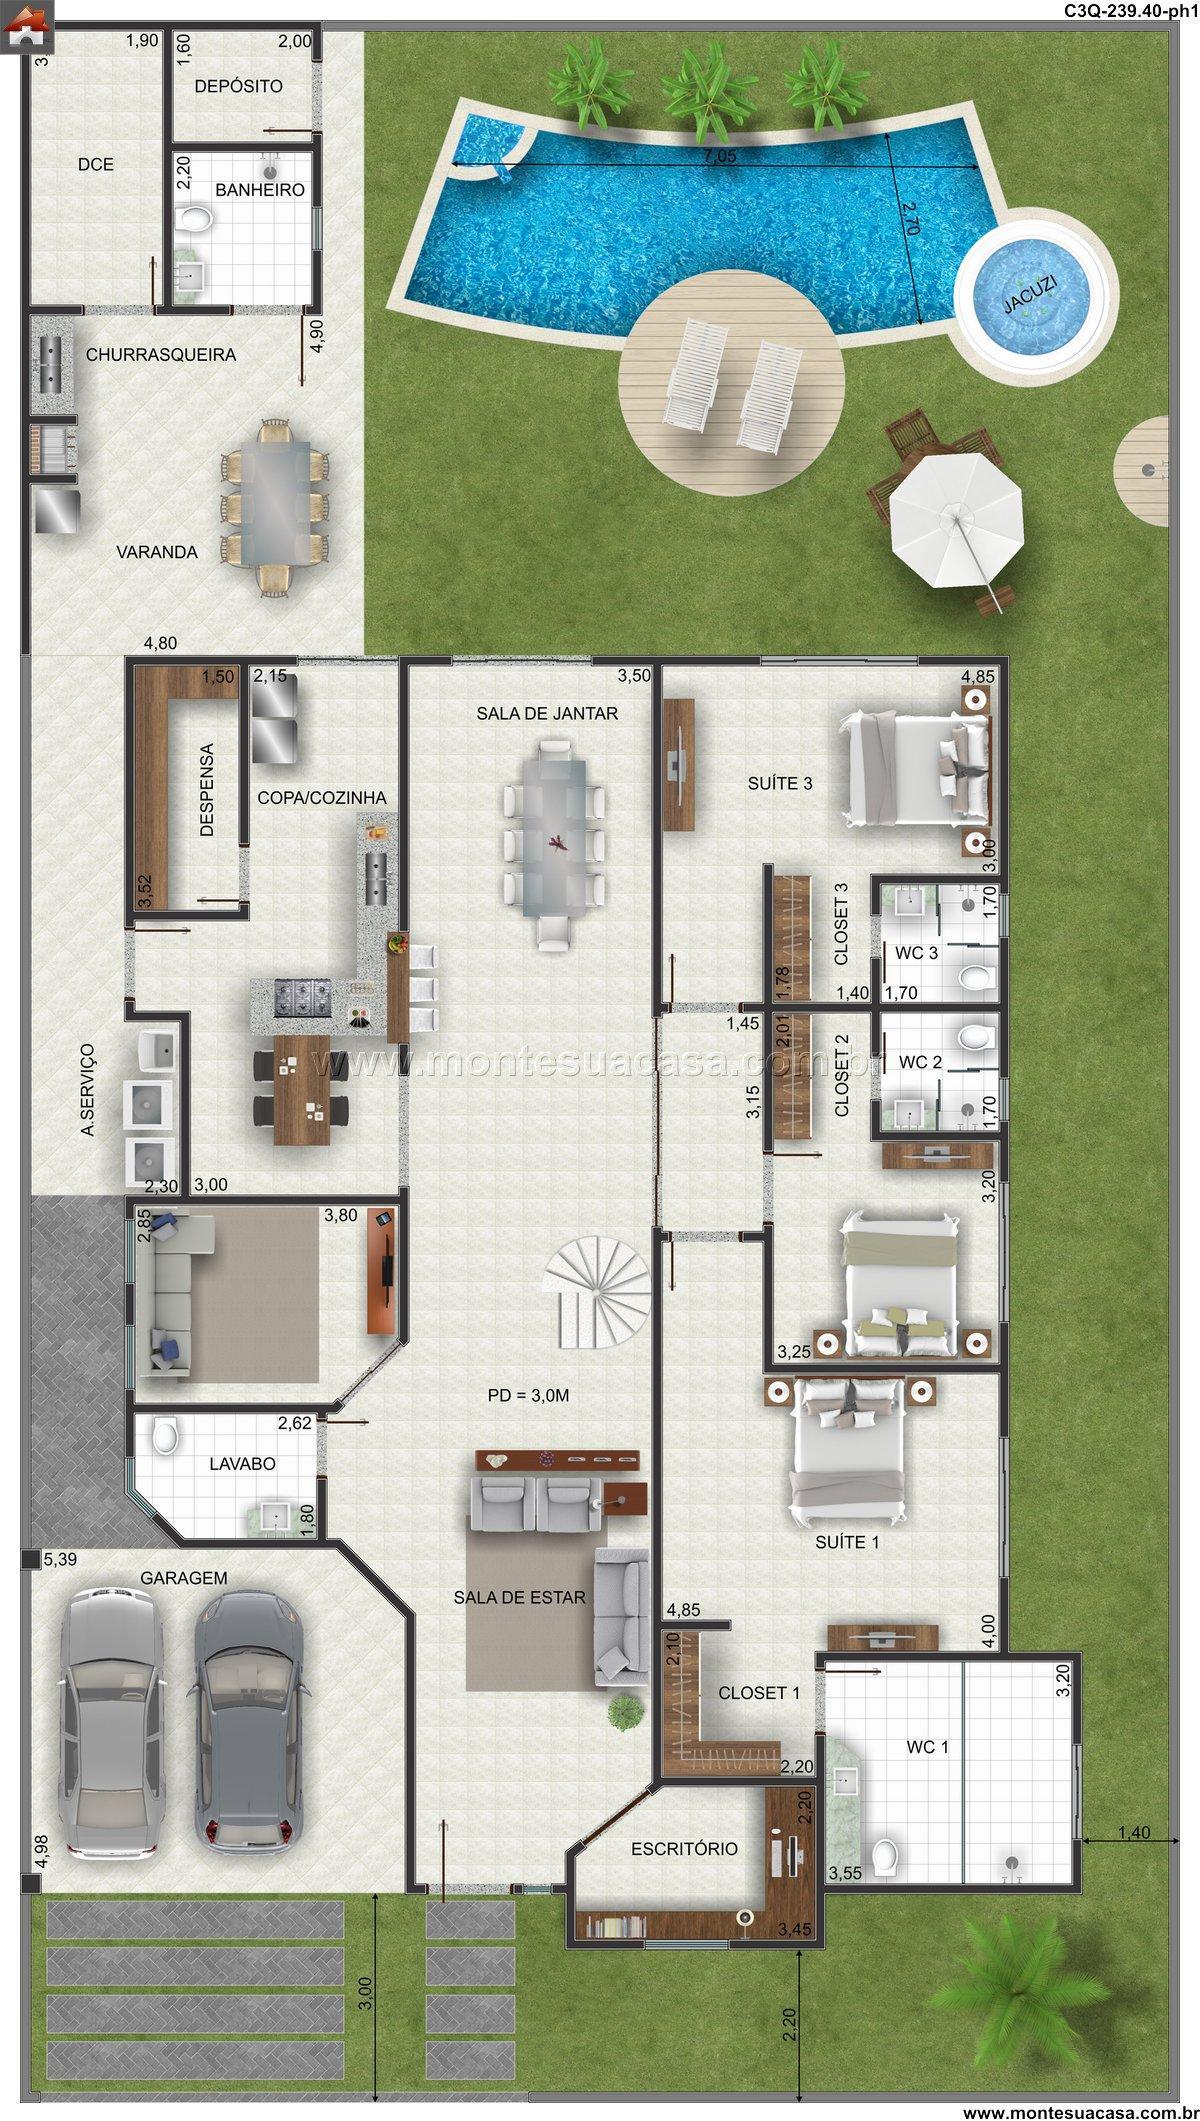 Casa 0 Quartos - 239.4m²